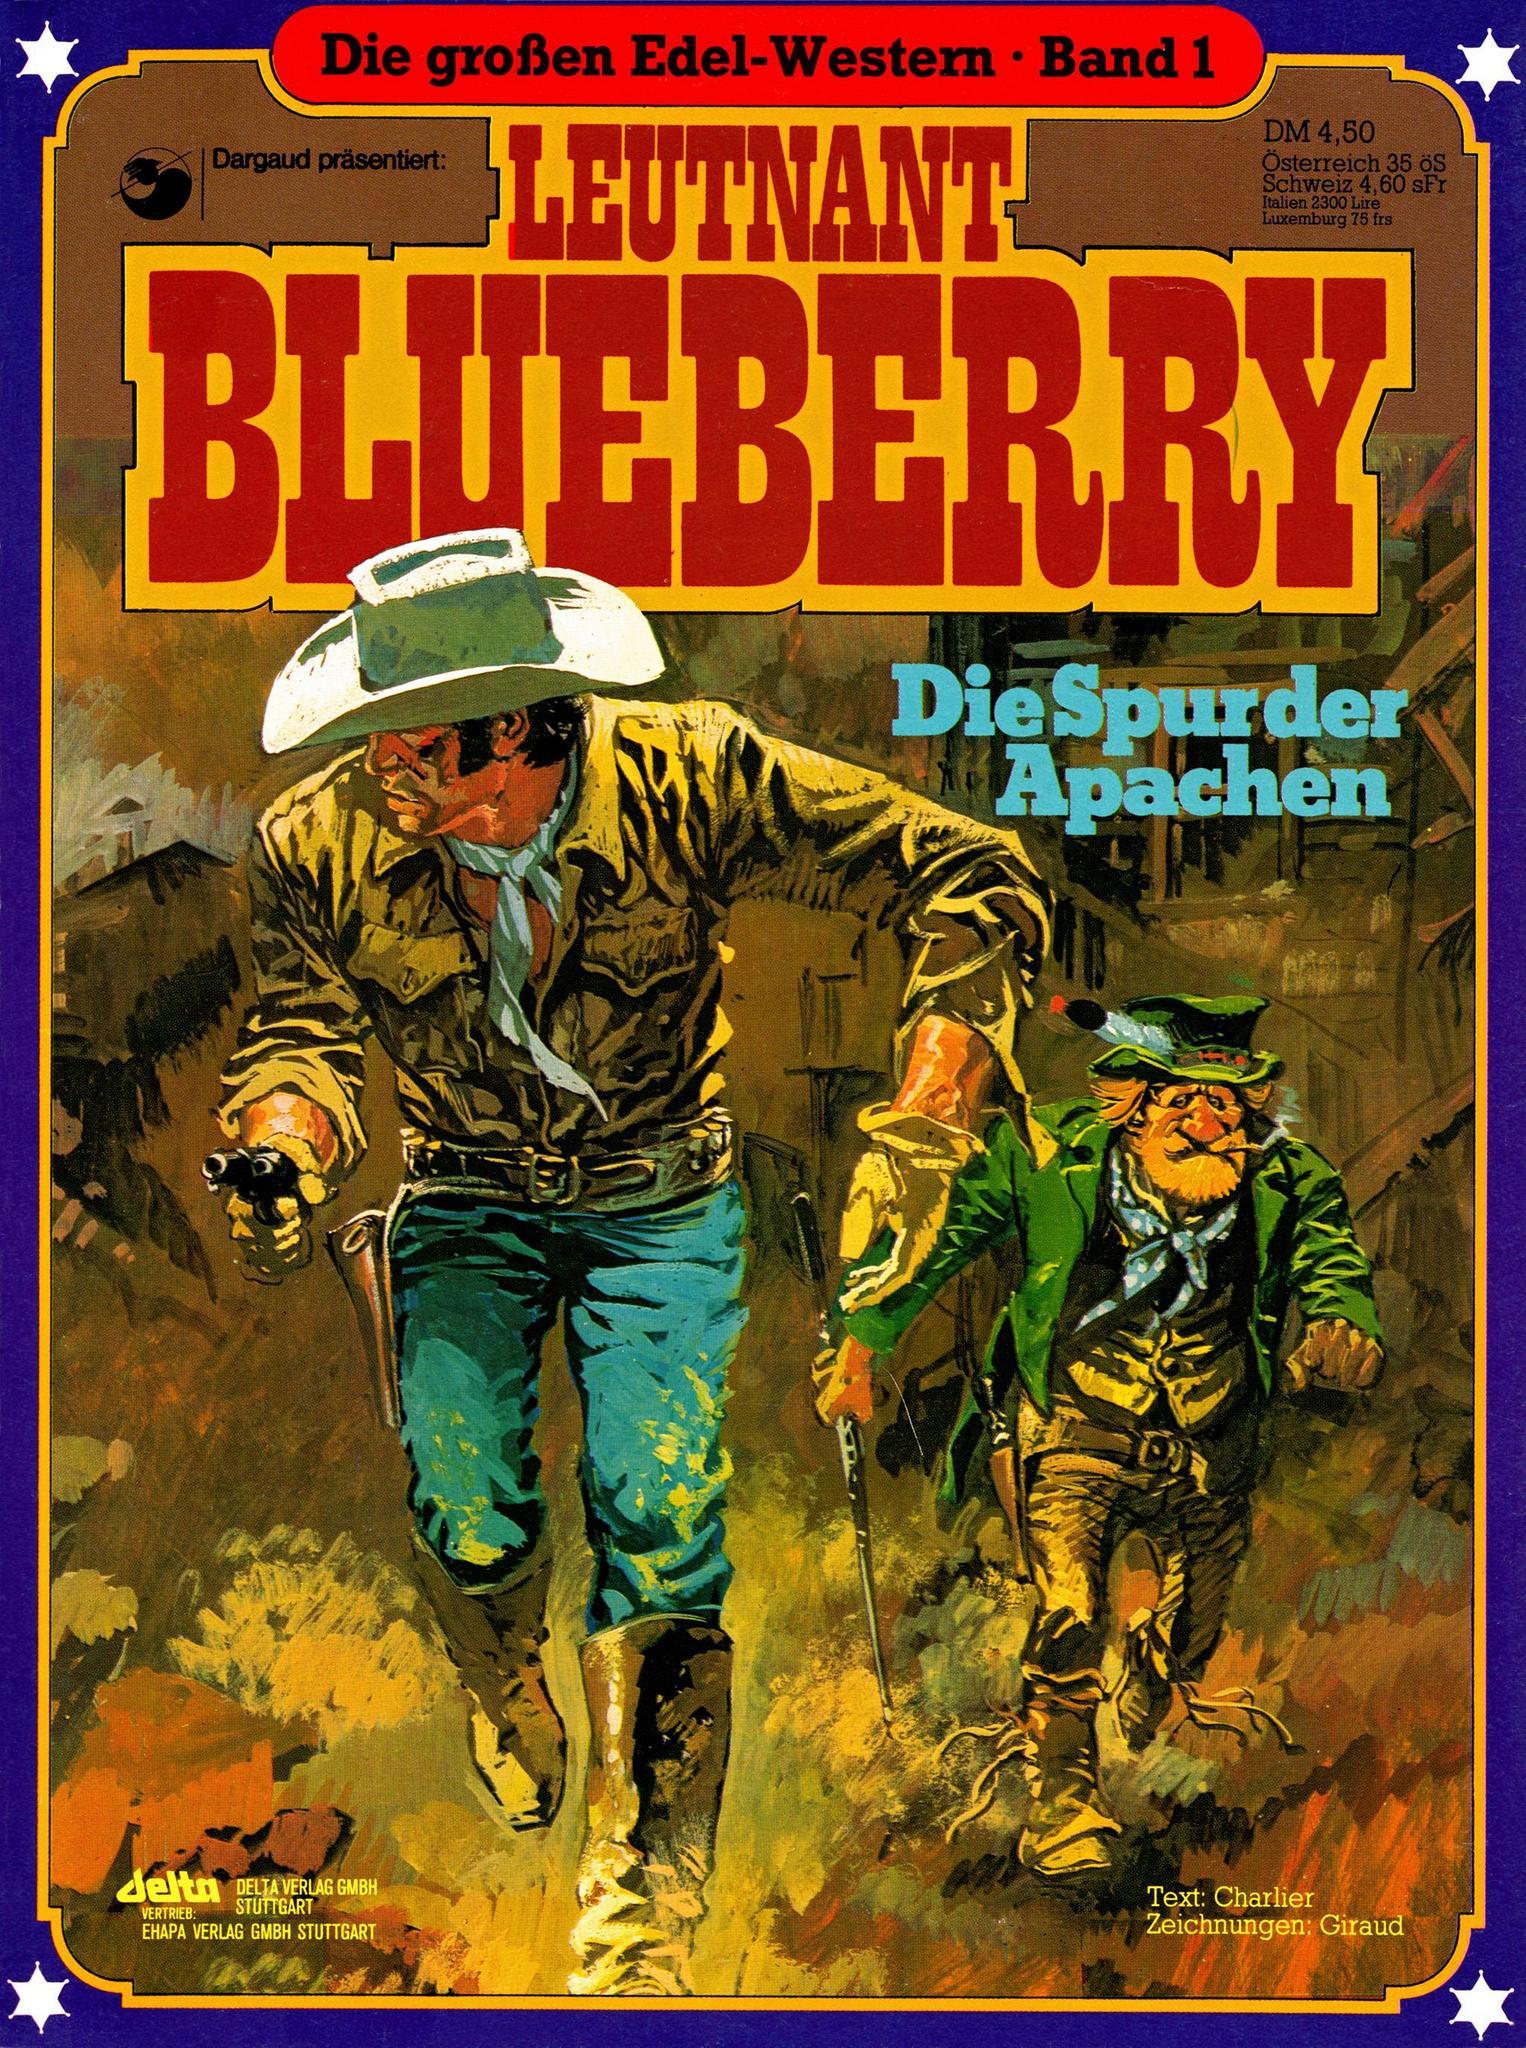 Die großen Edel-Western (1979) - komplett